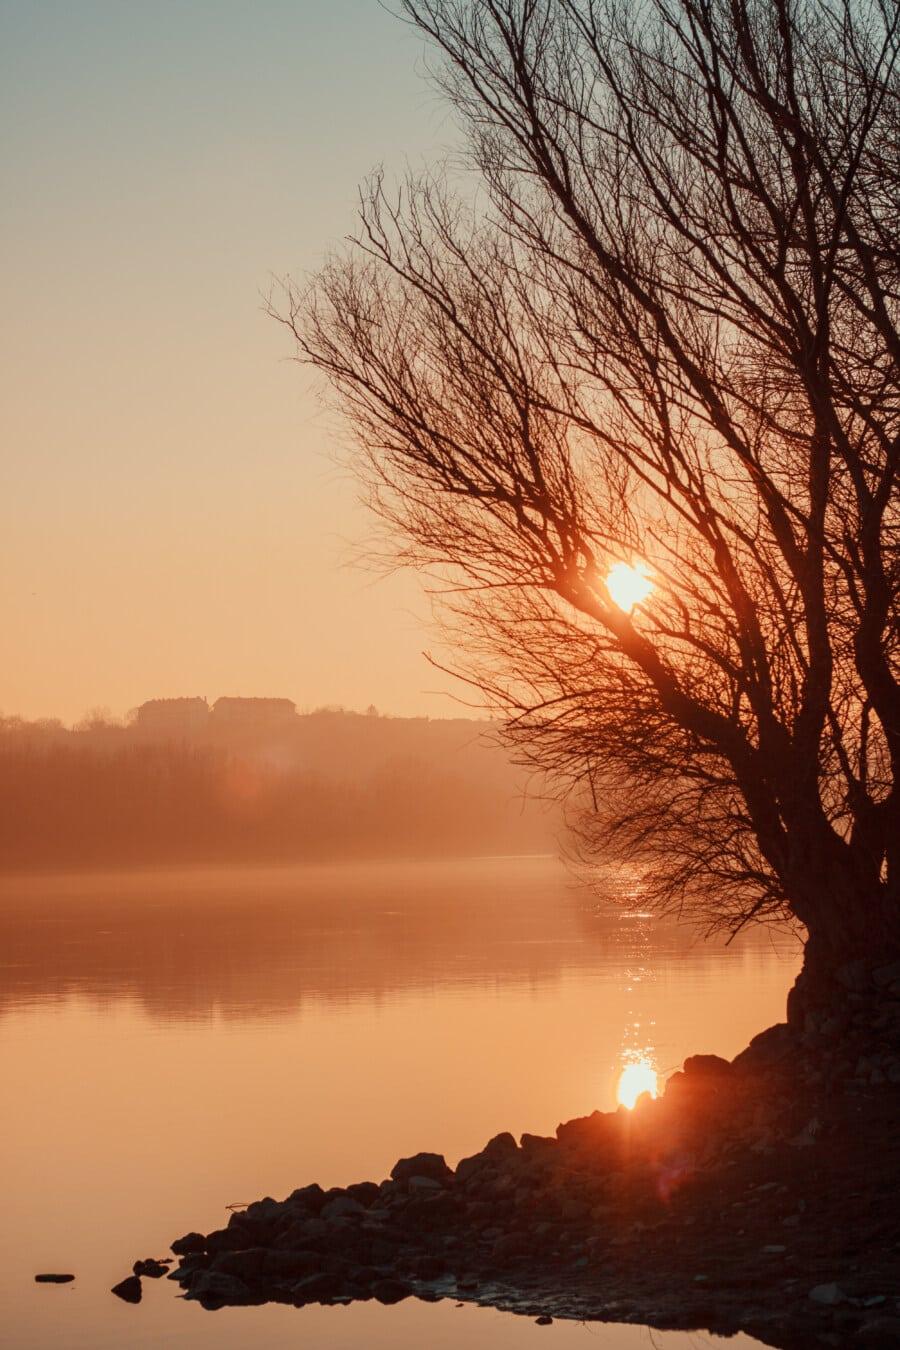 Fluss, Landschaft, Sonnenuntergang, Dämmerung, Struktur, Silhouette, Sonne, 'Nabend, Nebel, hinterleuchtet